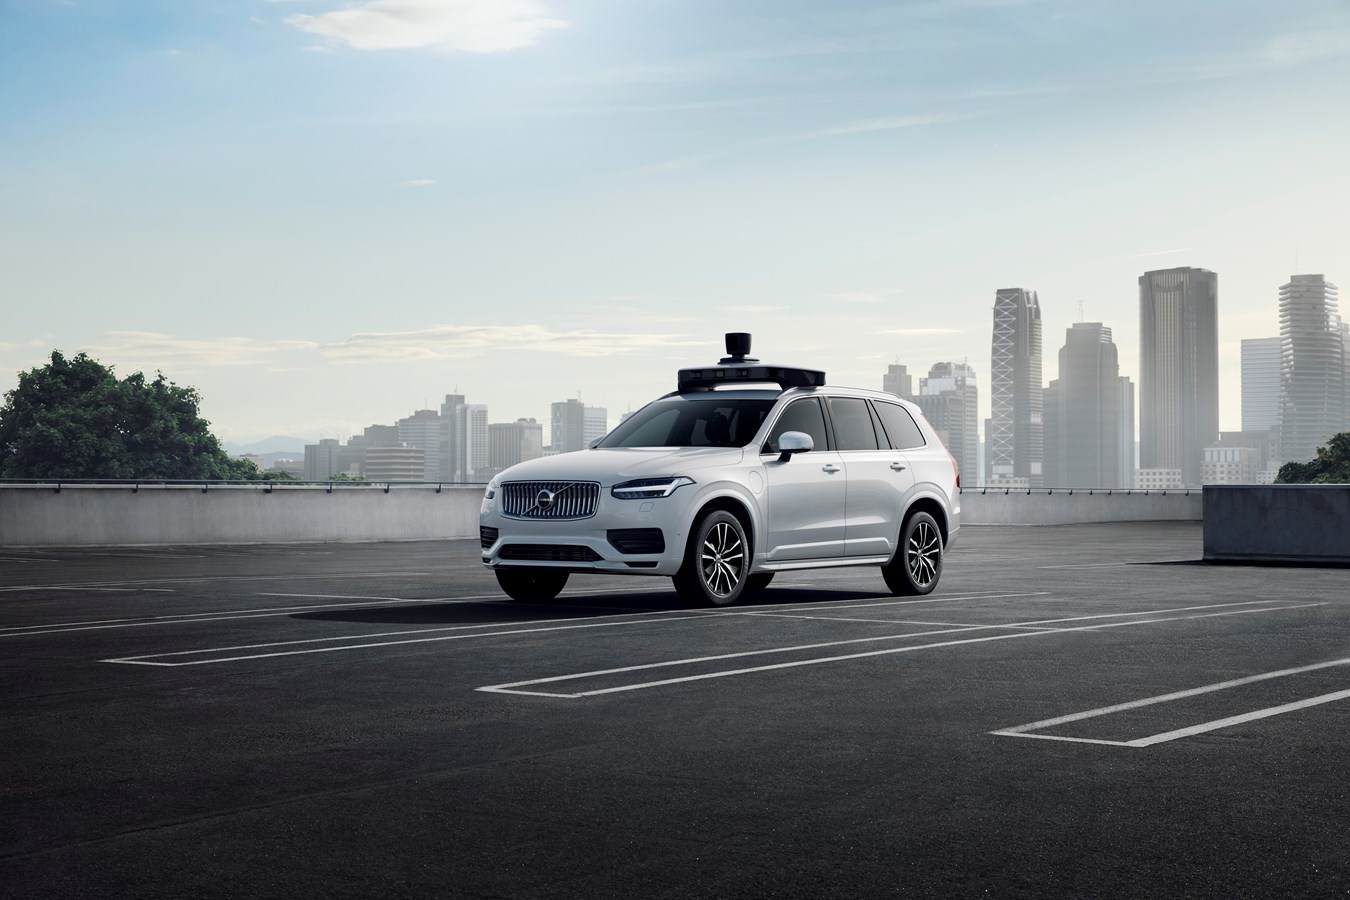 Фото: Volvo Cars и Uber представляют беспилотный автомобиль